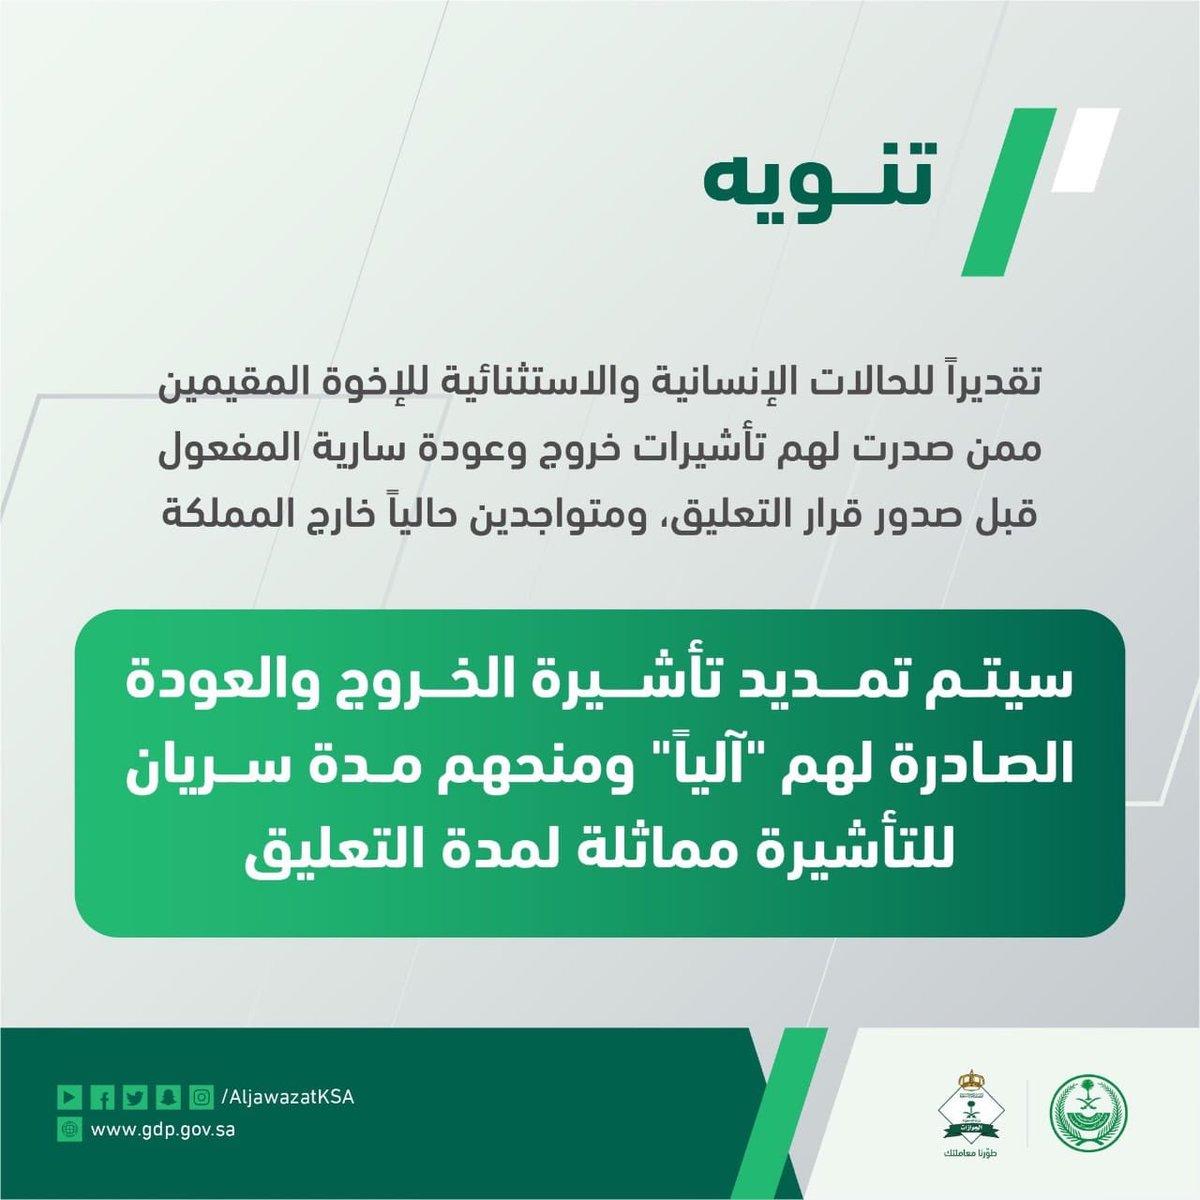 نجران الان On Twitter الجوازات السعودية سيتم تمديد تأشيرة